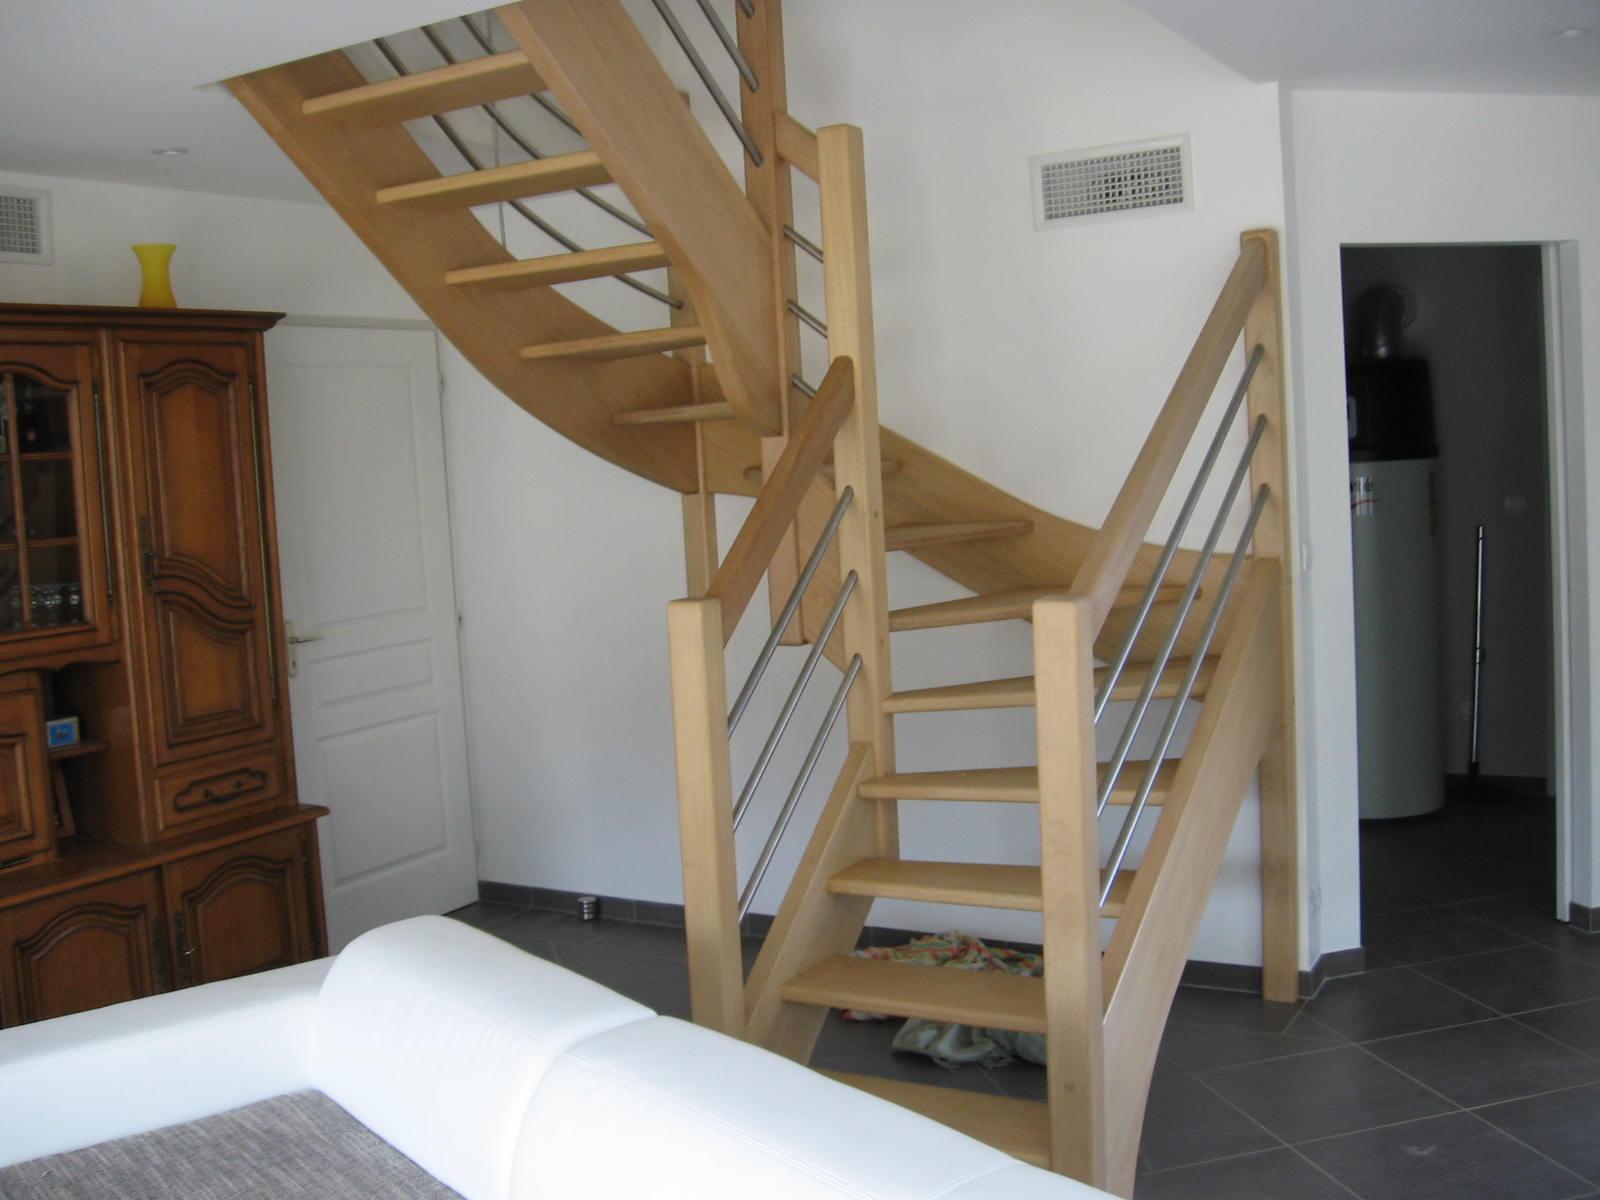 Escaliersbois64800: Escalier à 2 quarts tournant avec garde corps mixte inox + vitrage